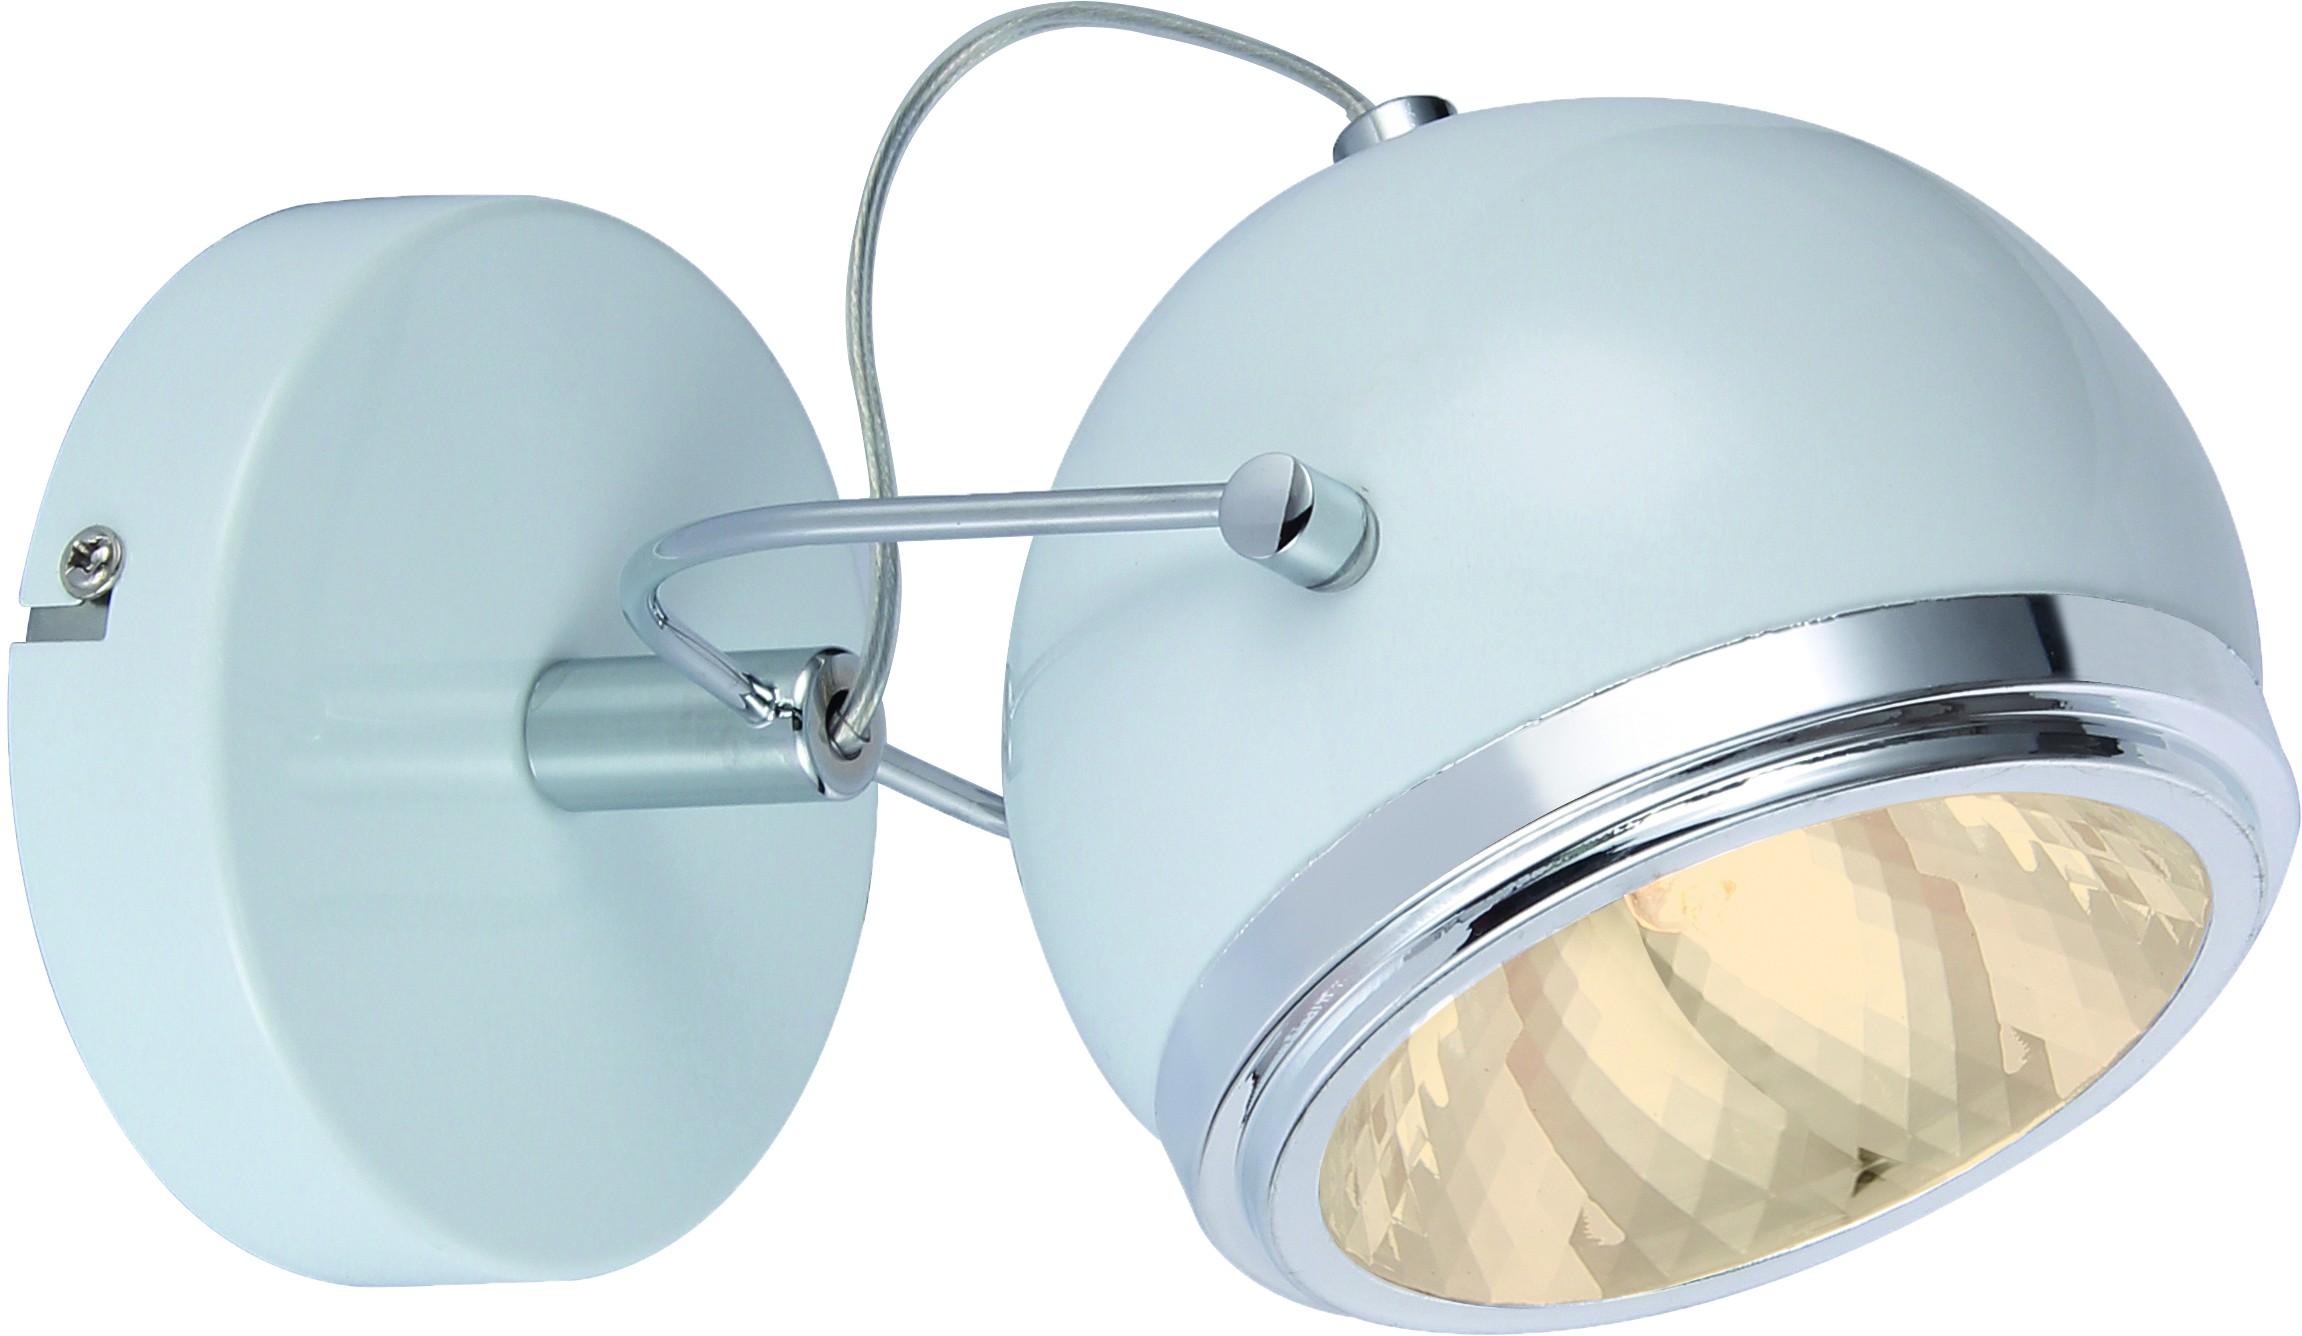 Спот Arte lamp A4509ap-1wh